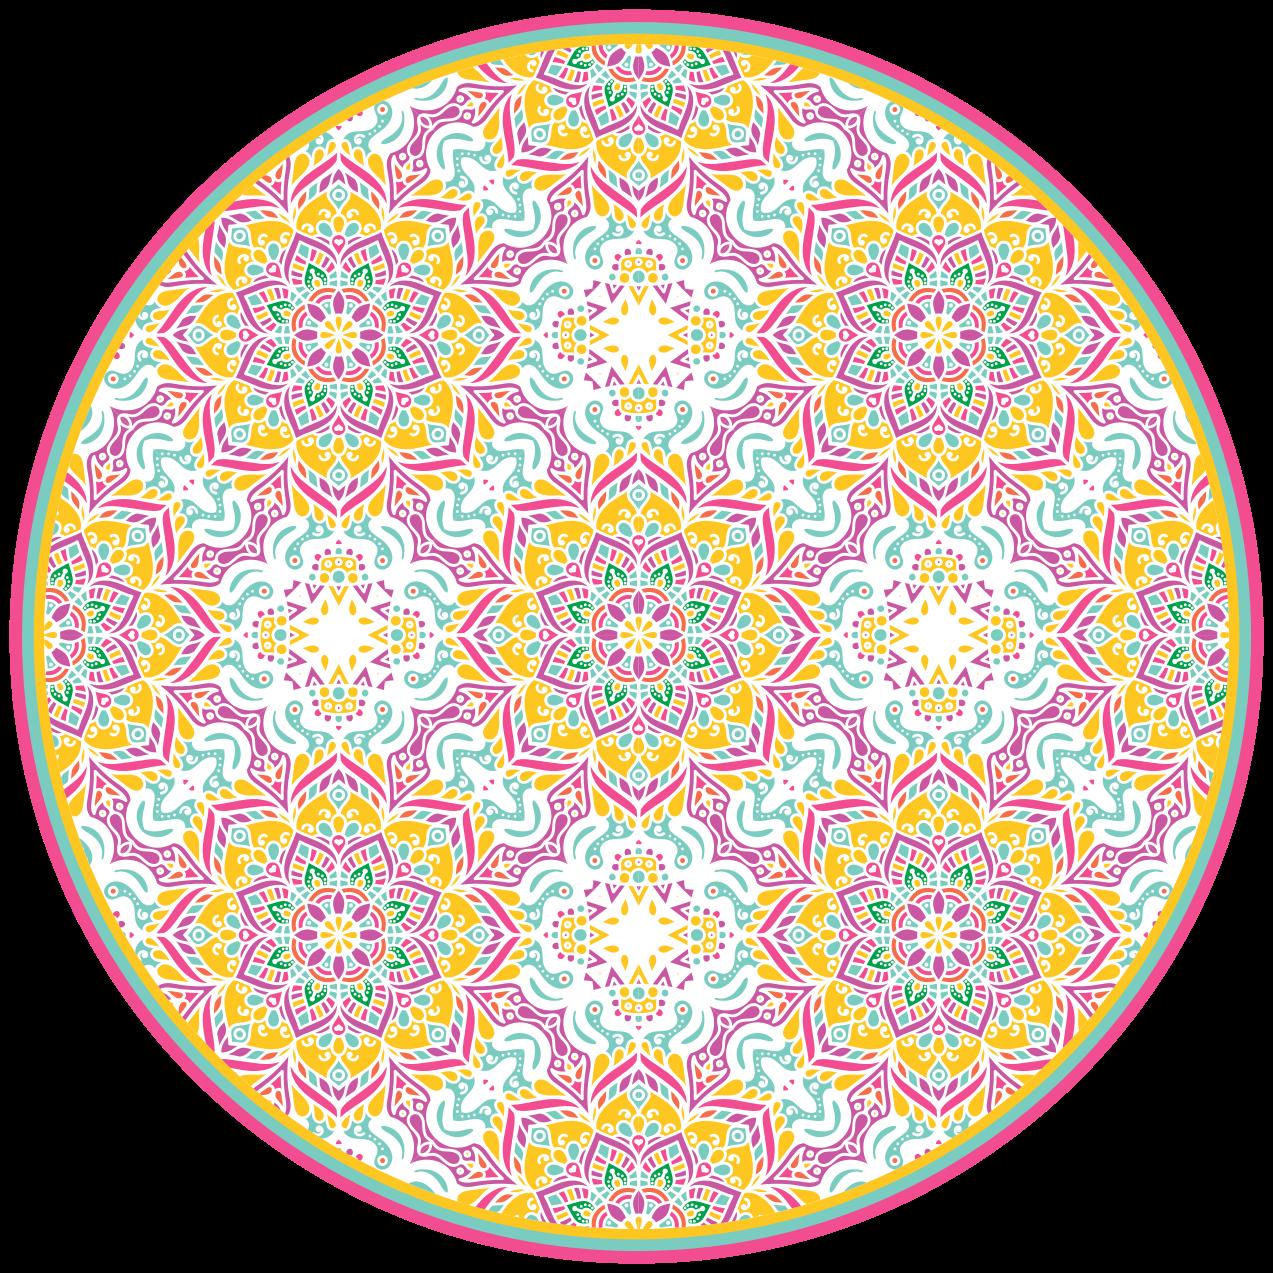 TenStickers. Dywan winylowy z kolorową mozaiką mandali. Ten dywan winylowy z płytek ma skomplikowany wzór mozaiki mandali na całym produkcie. +10 000 zadowolonych klientów.